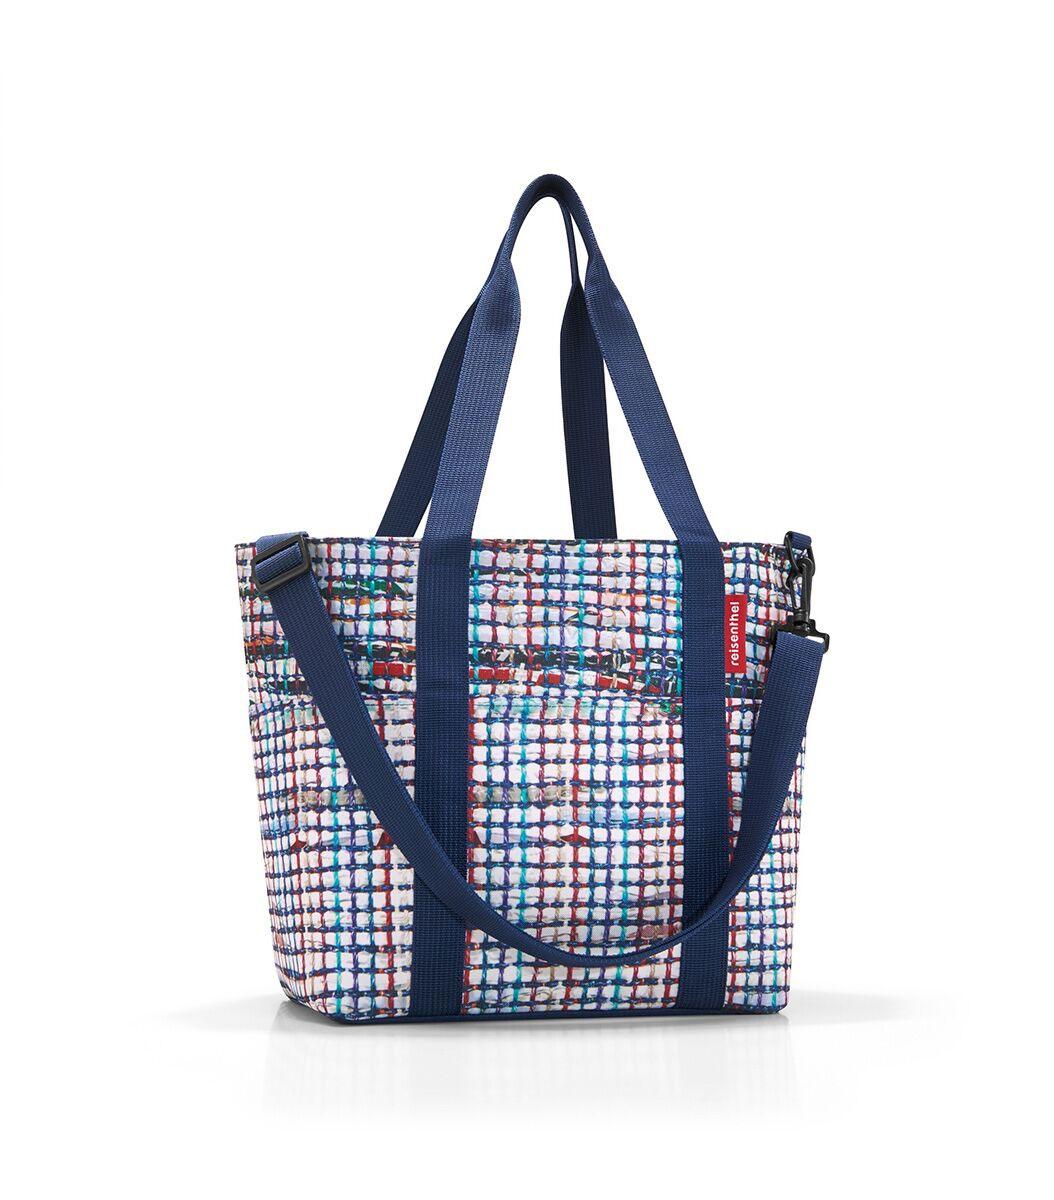 Сумка-шоппер жен. Reisenthel, цвет: синий. MZ4041MZ4041Универсальная сумка для прогулок, пикника или шоппинга. Продуманный дизайн сочетает внешнюю привлекательность и исключительную практичность. Изобилие карманов и отделений помогает держать в порядке даже большое количество разнообразных вещей. - вместительное основное отделение на молнии; - 2 удобные ручки для переноски; - съемный регулируемый наплечный ремень; - 4 внешних и 6 внутренних отделения. - небольшой потайной карман, вшитый в подкладку; - подкладка на дне, обеспечивающая прочность и стойкую форму; - материал: высококачественный водостойкий полиэстер; - объем – 15 литров.